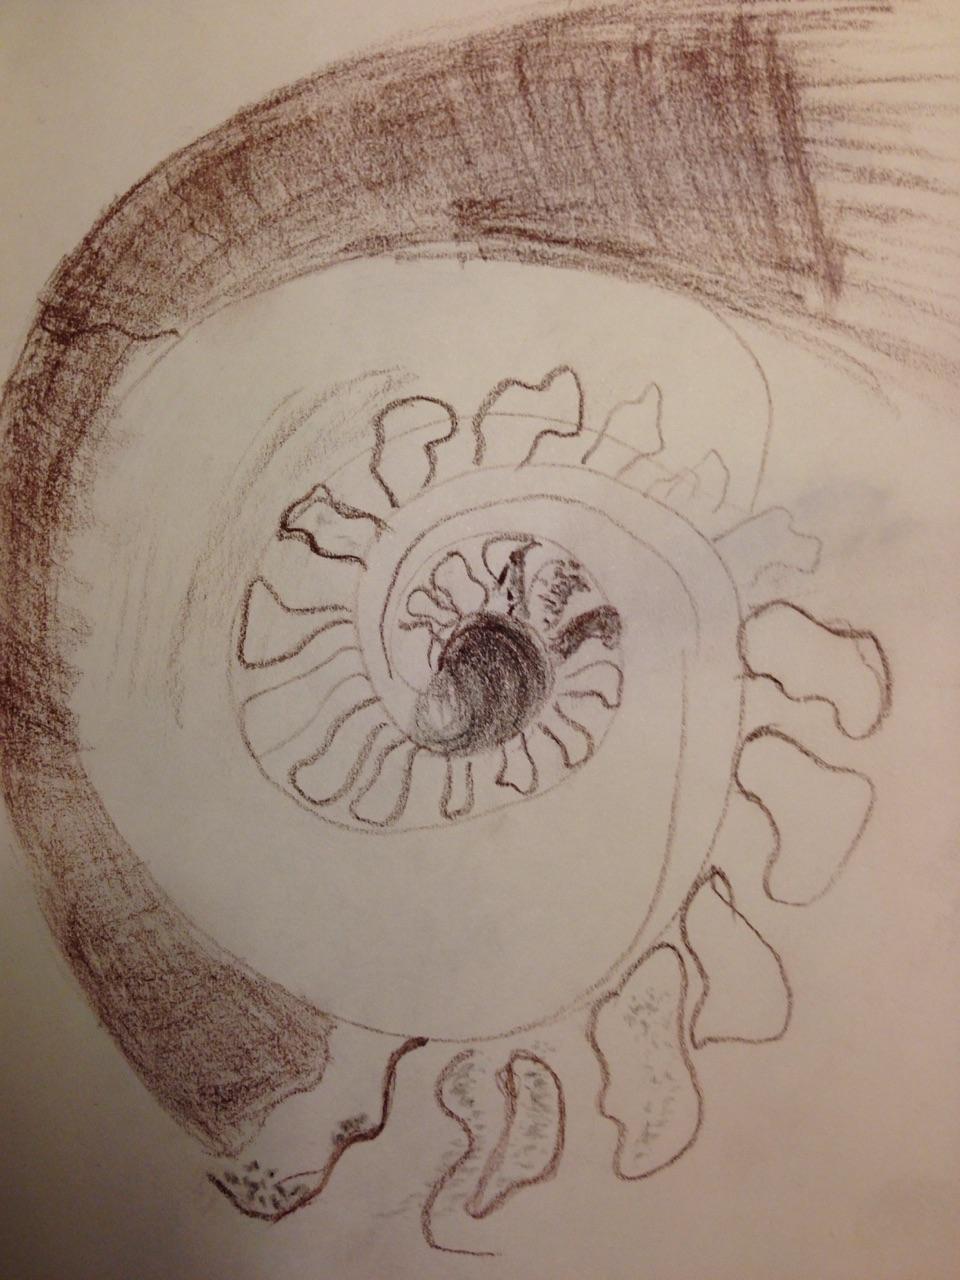 Ammonite Body Image.jpg